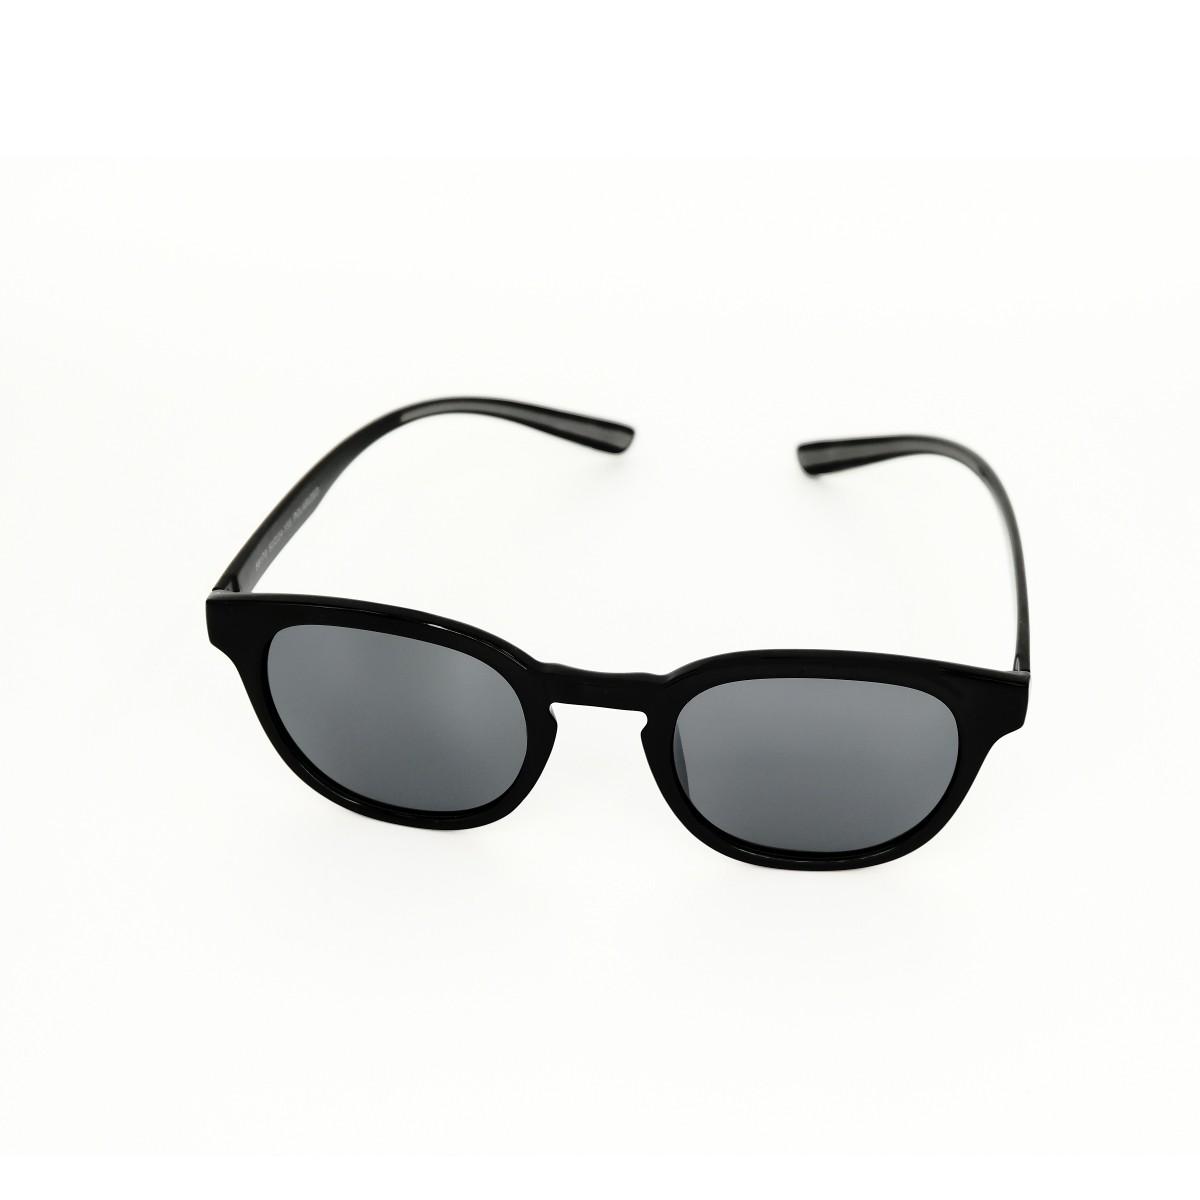 Centrostyle Urban Style nero 59170, 45,00€, Occhiali Centrostyle Nero a forma Squadrato